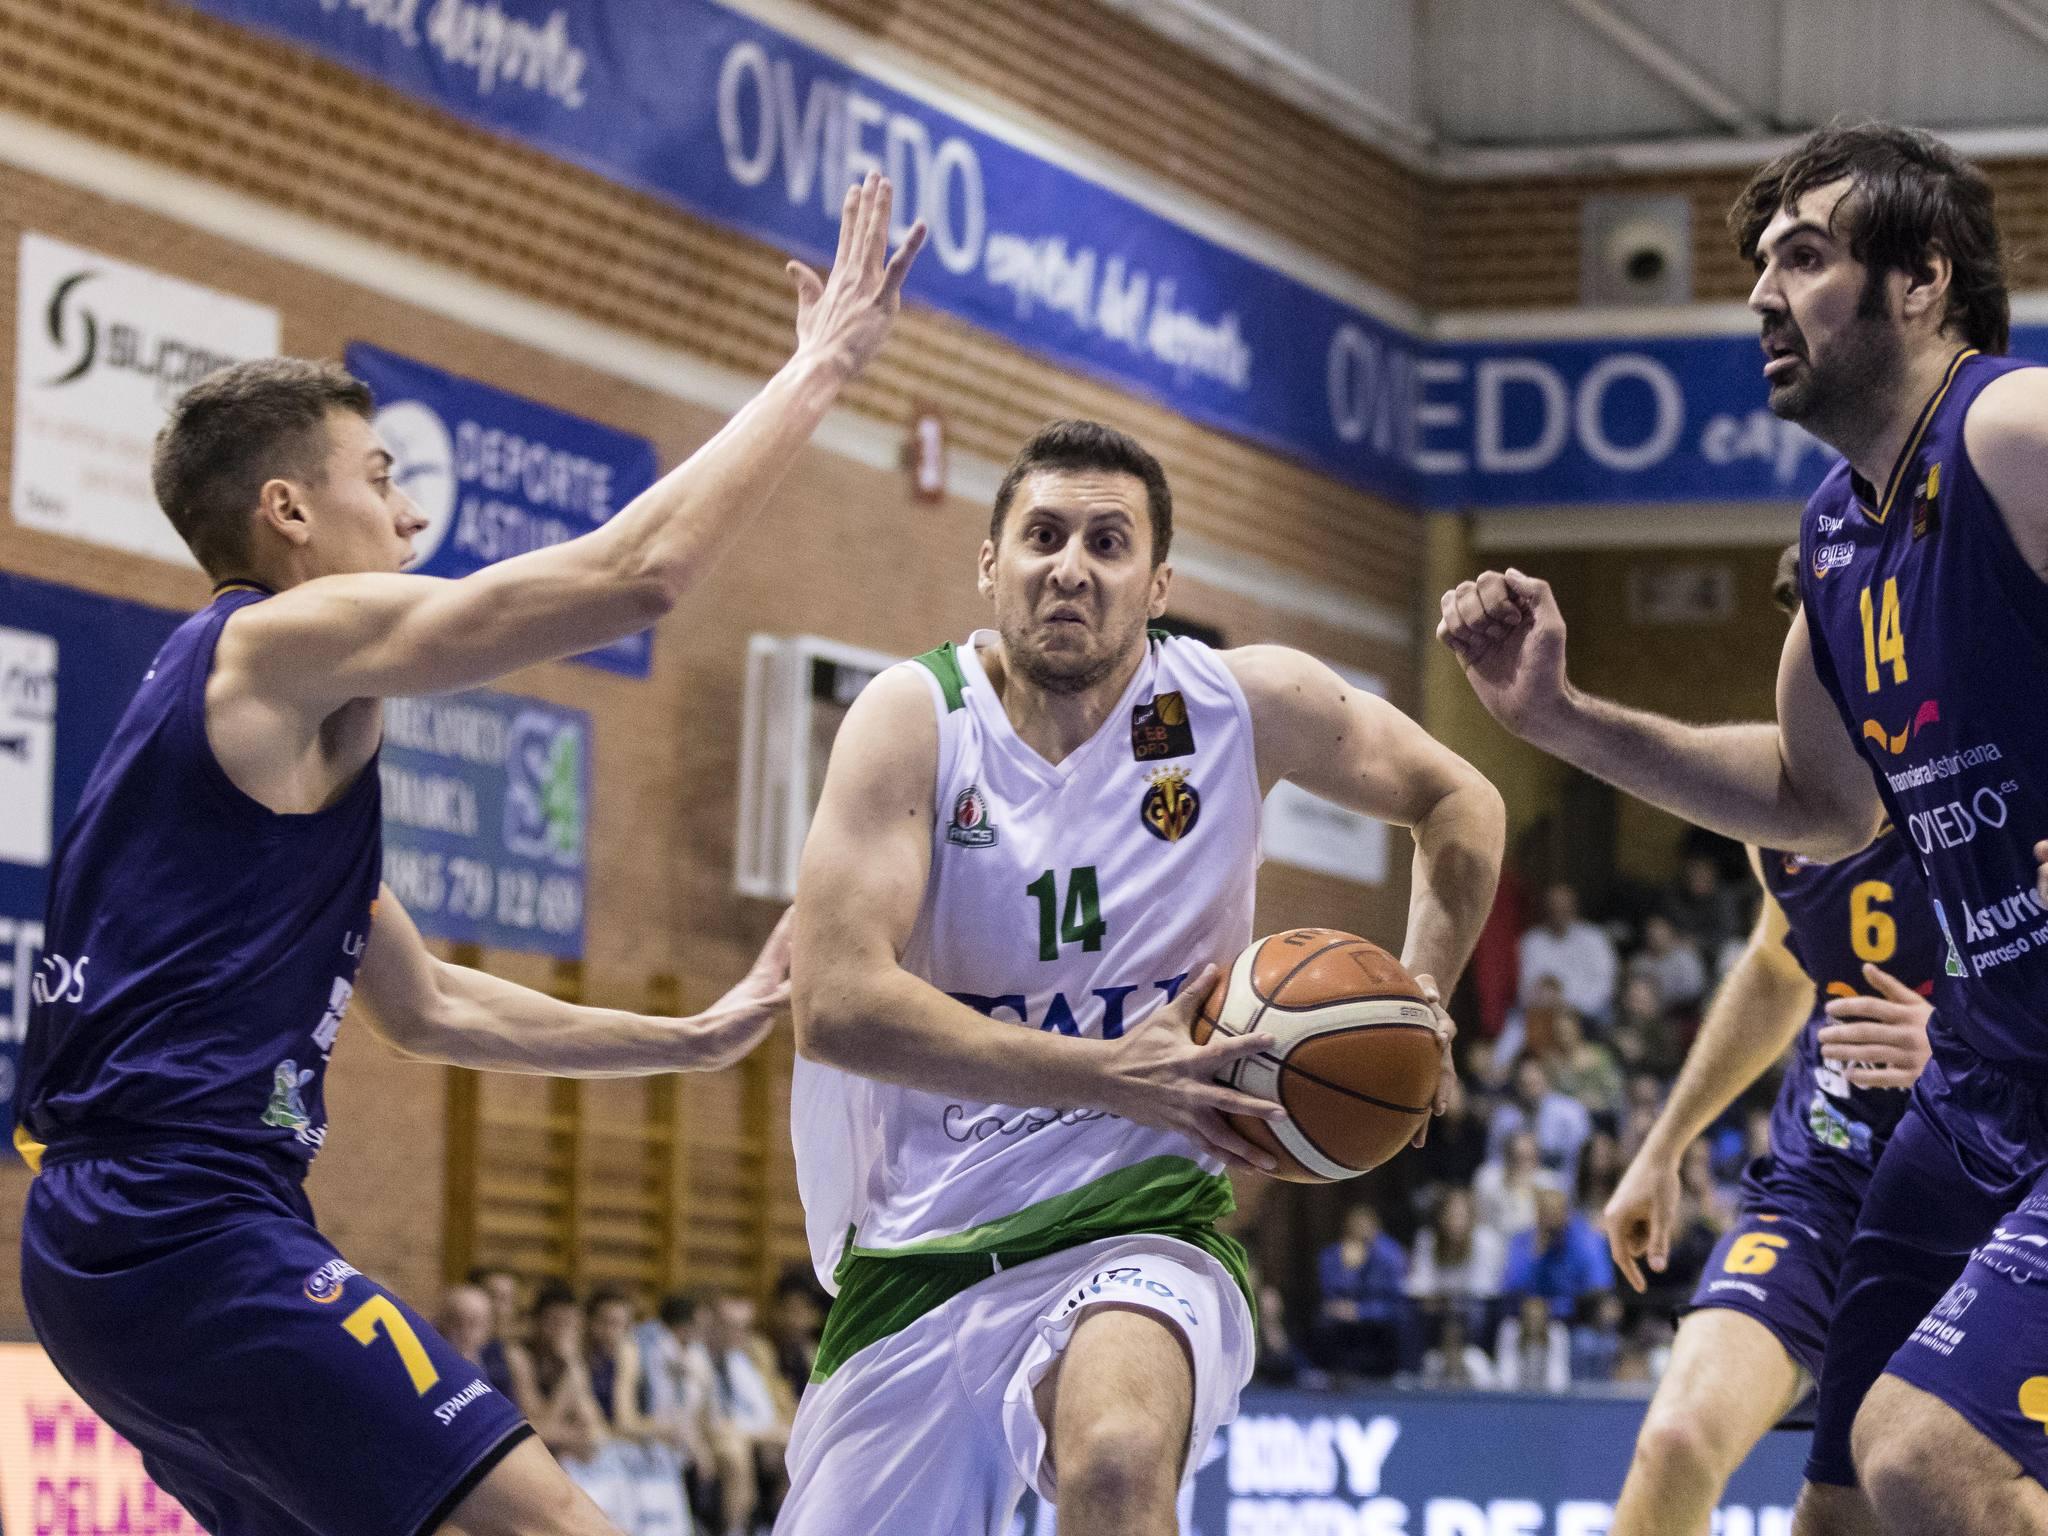 Jose María García penetrando ante Fabio Santana y Sonseca (Foto: Christian García)